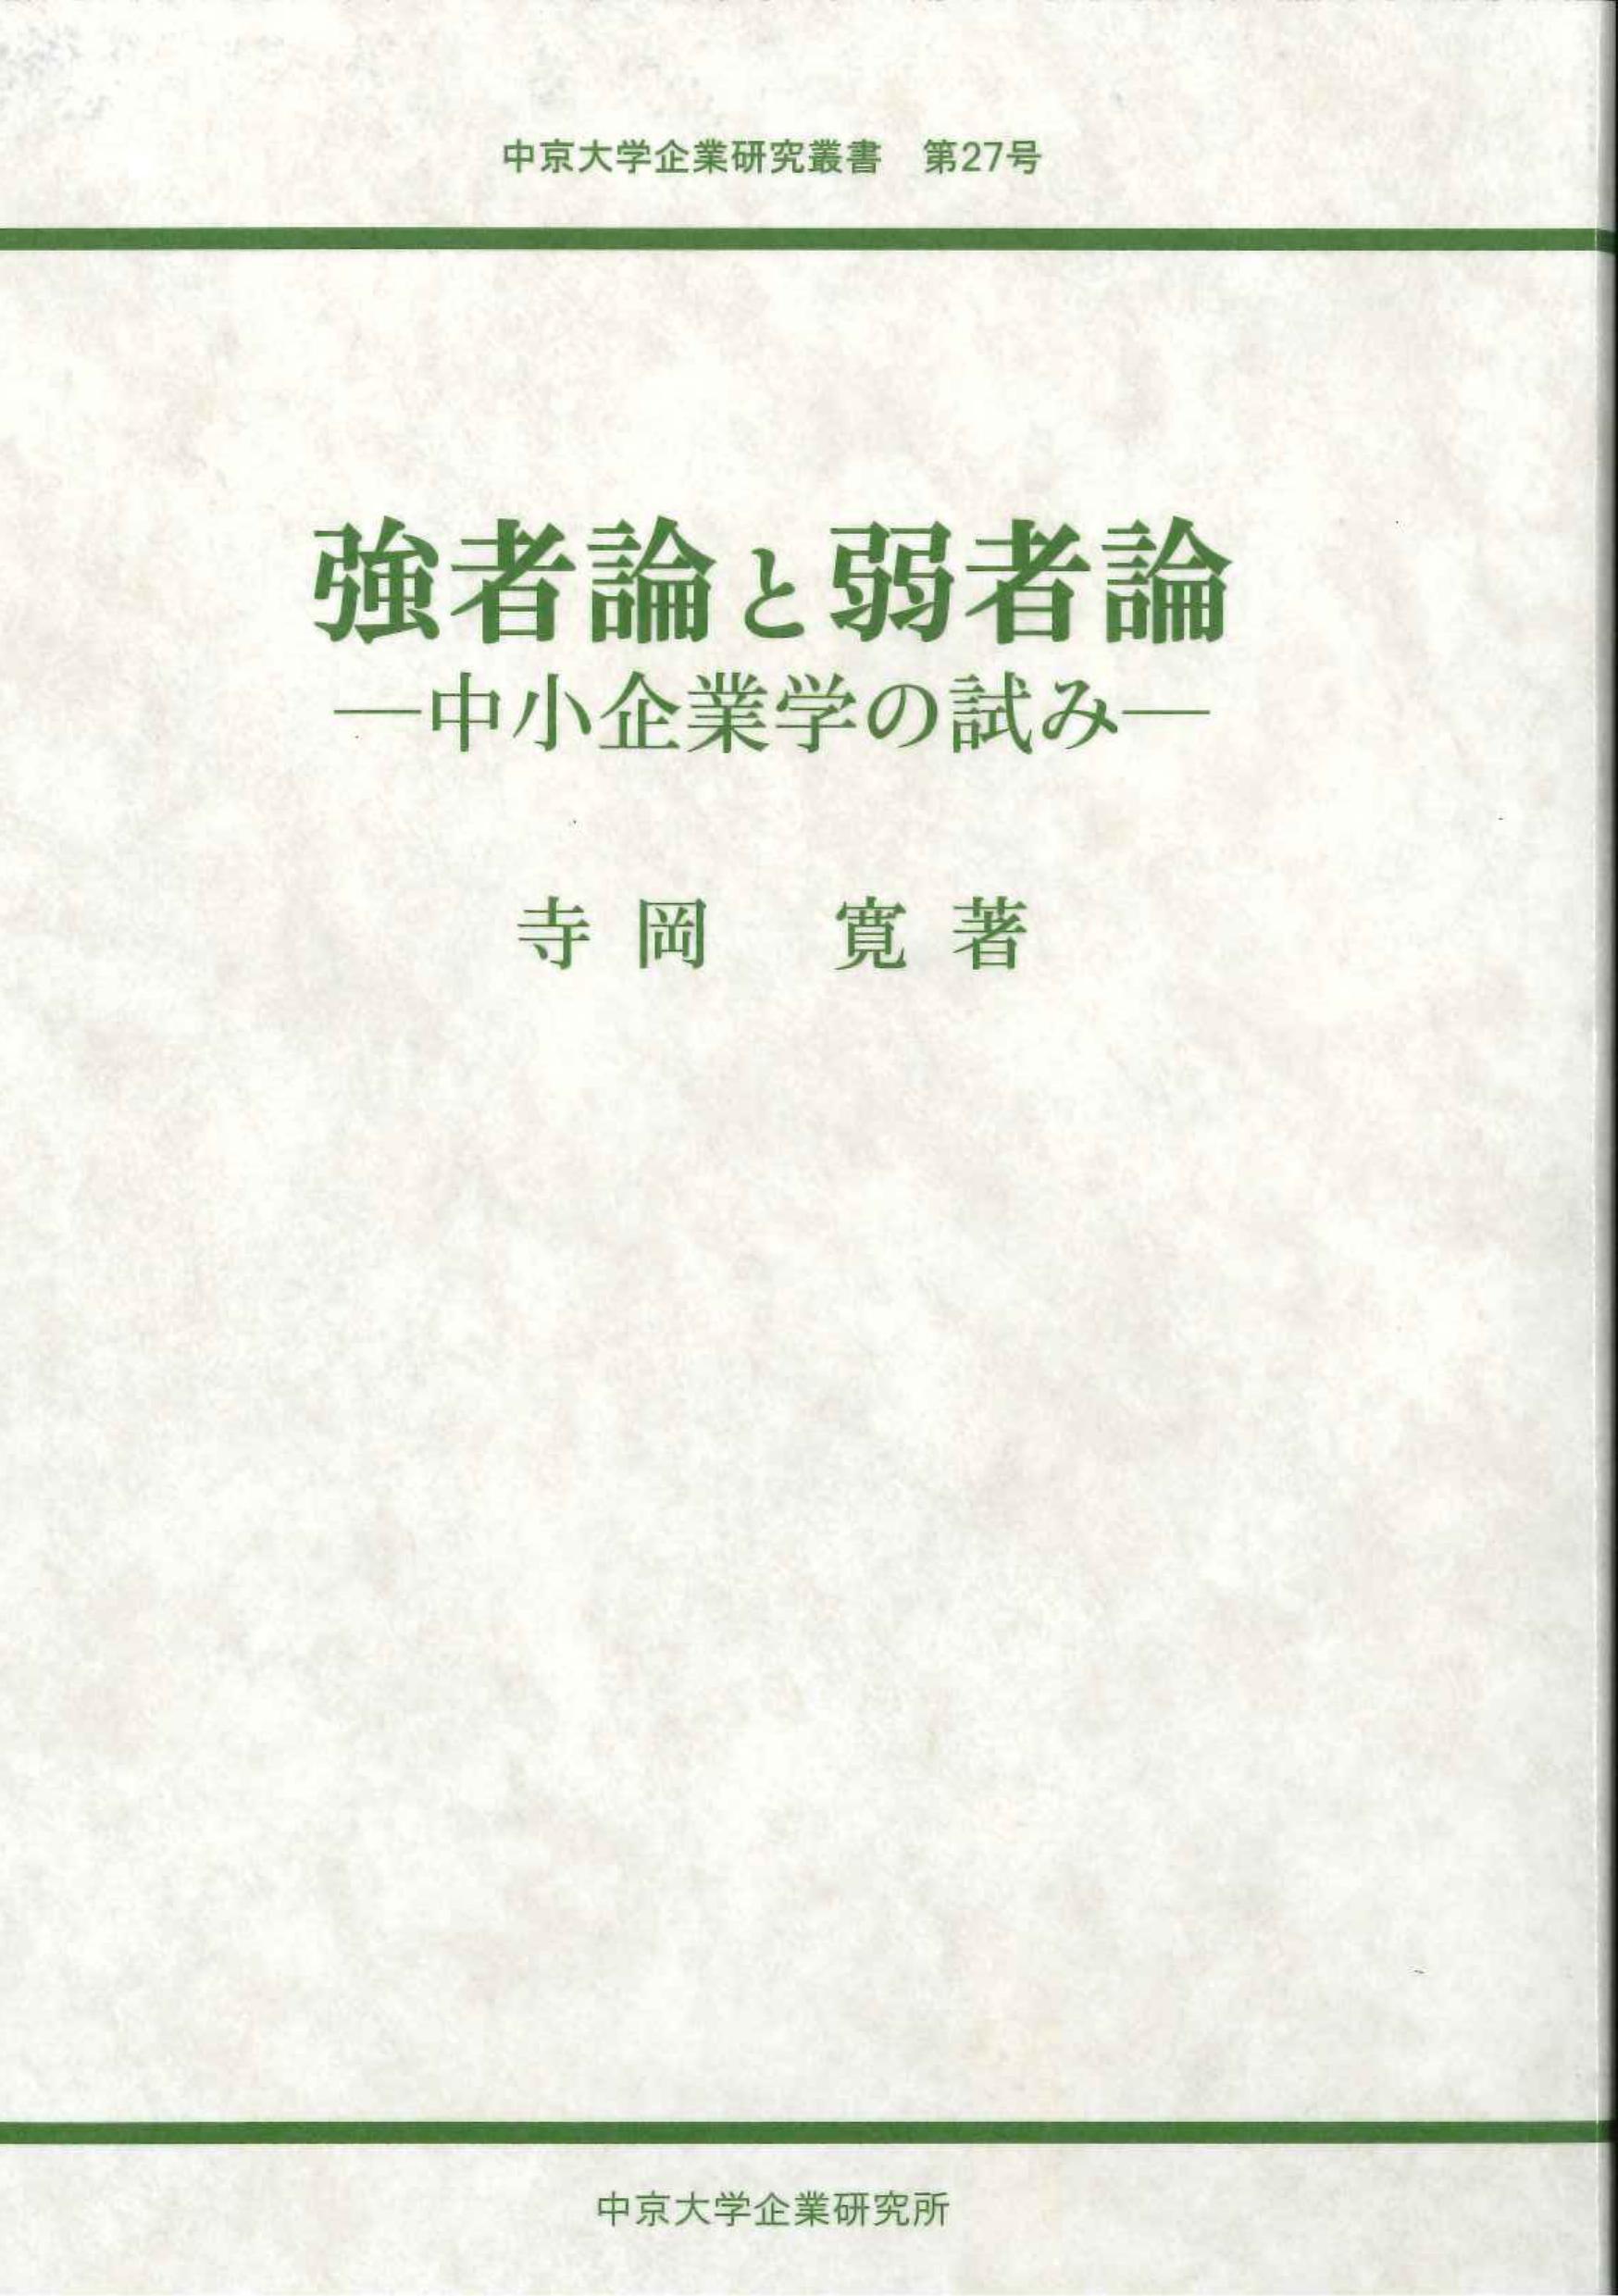 企業研究叢書 第27号